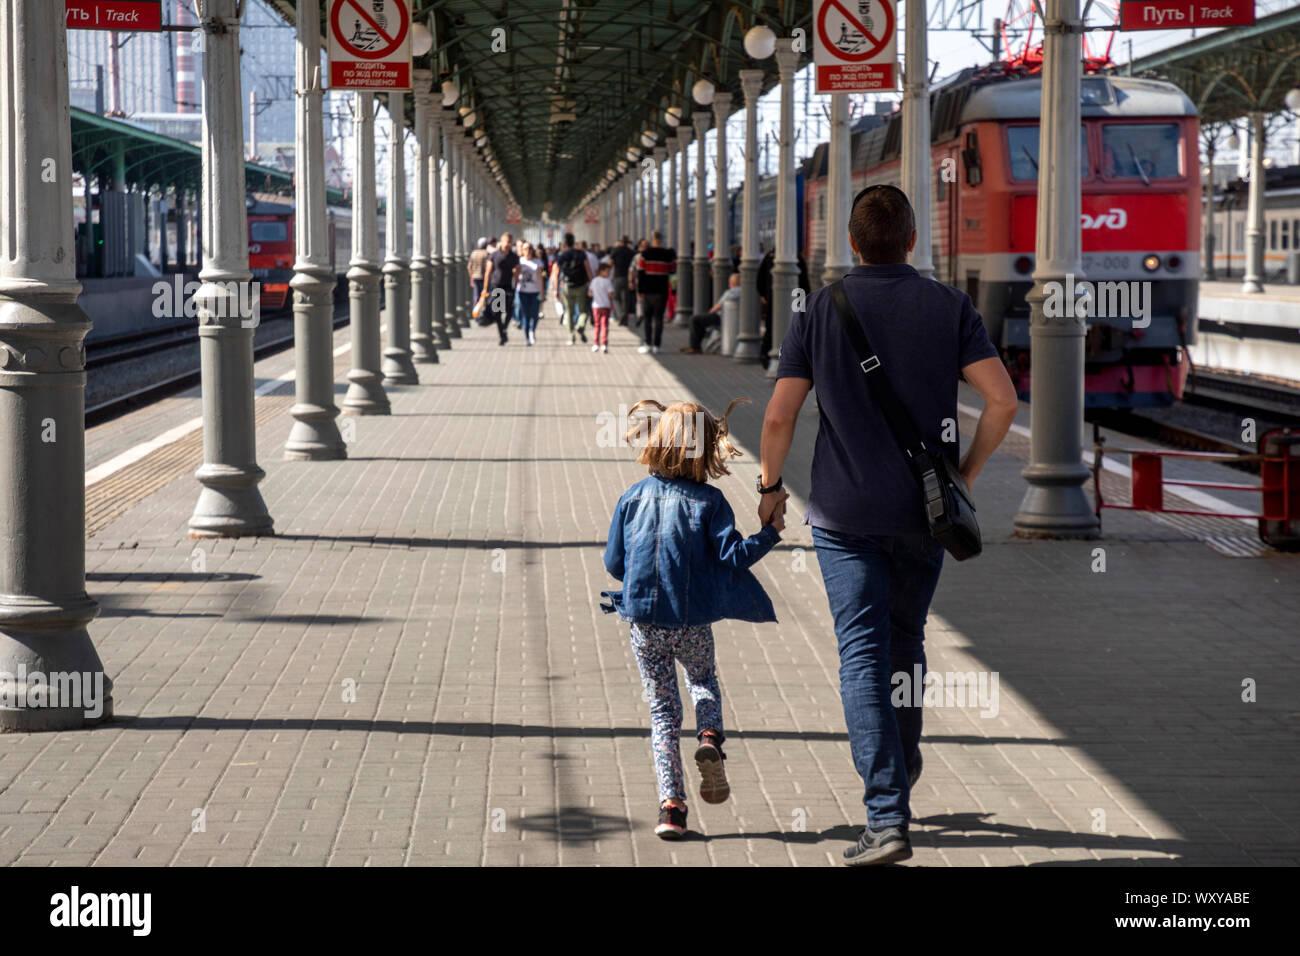 Les gens marchent sur la plate-forme de la gare de Biélorussie se trouve à Moscou avec des trains de banlieue et les trains longue distance à Moscou, Russie Banque D'Images